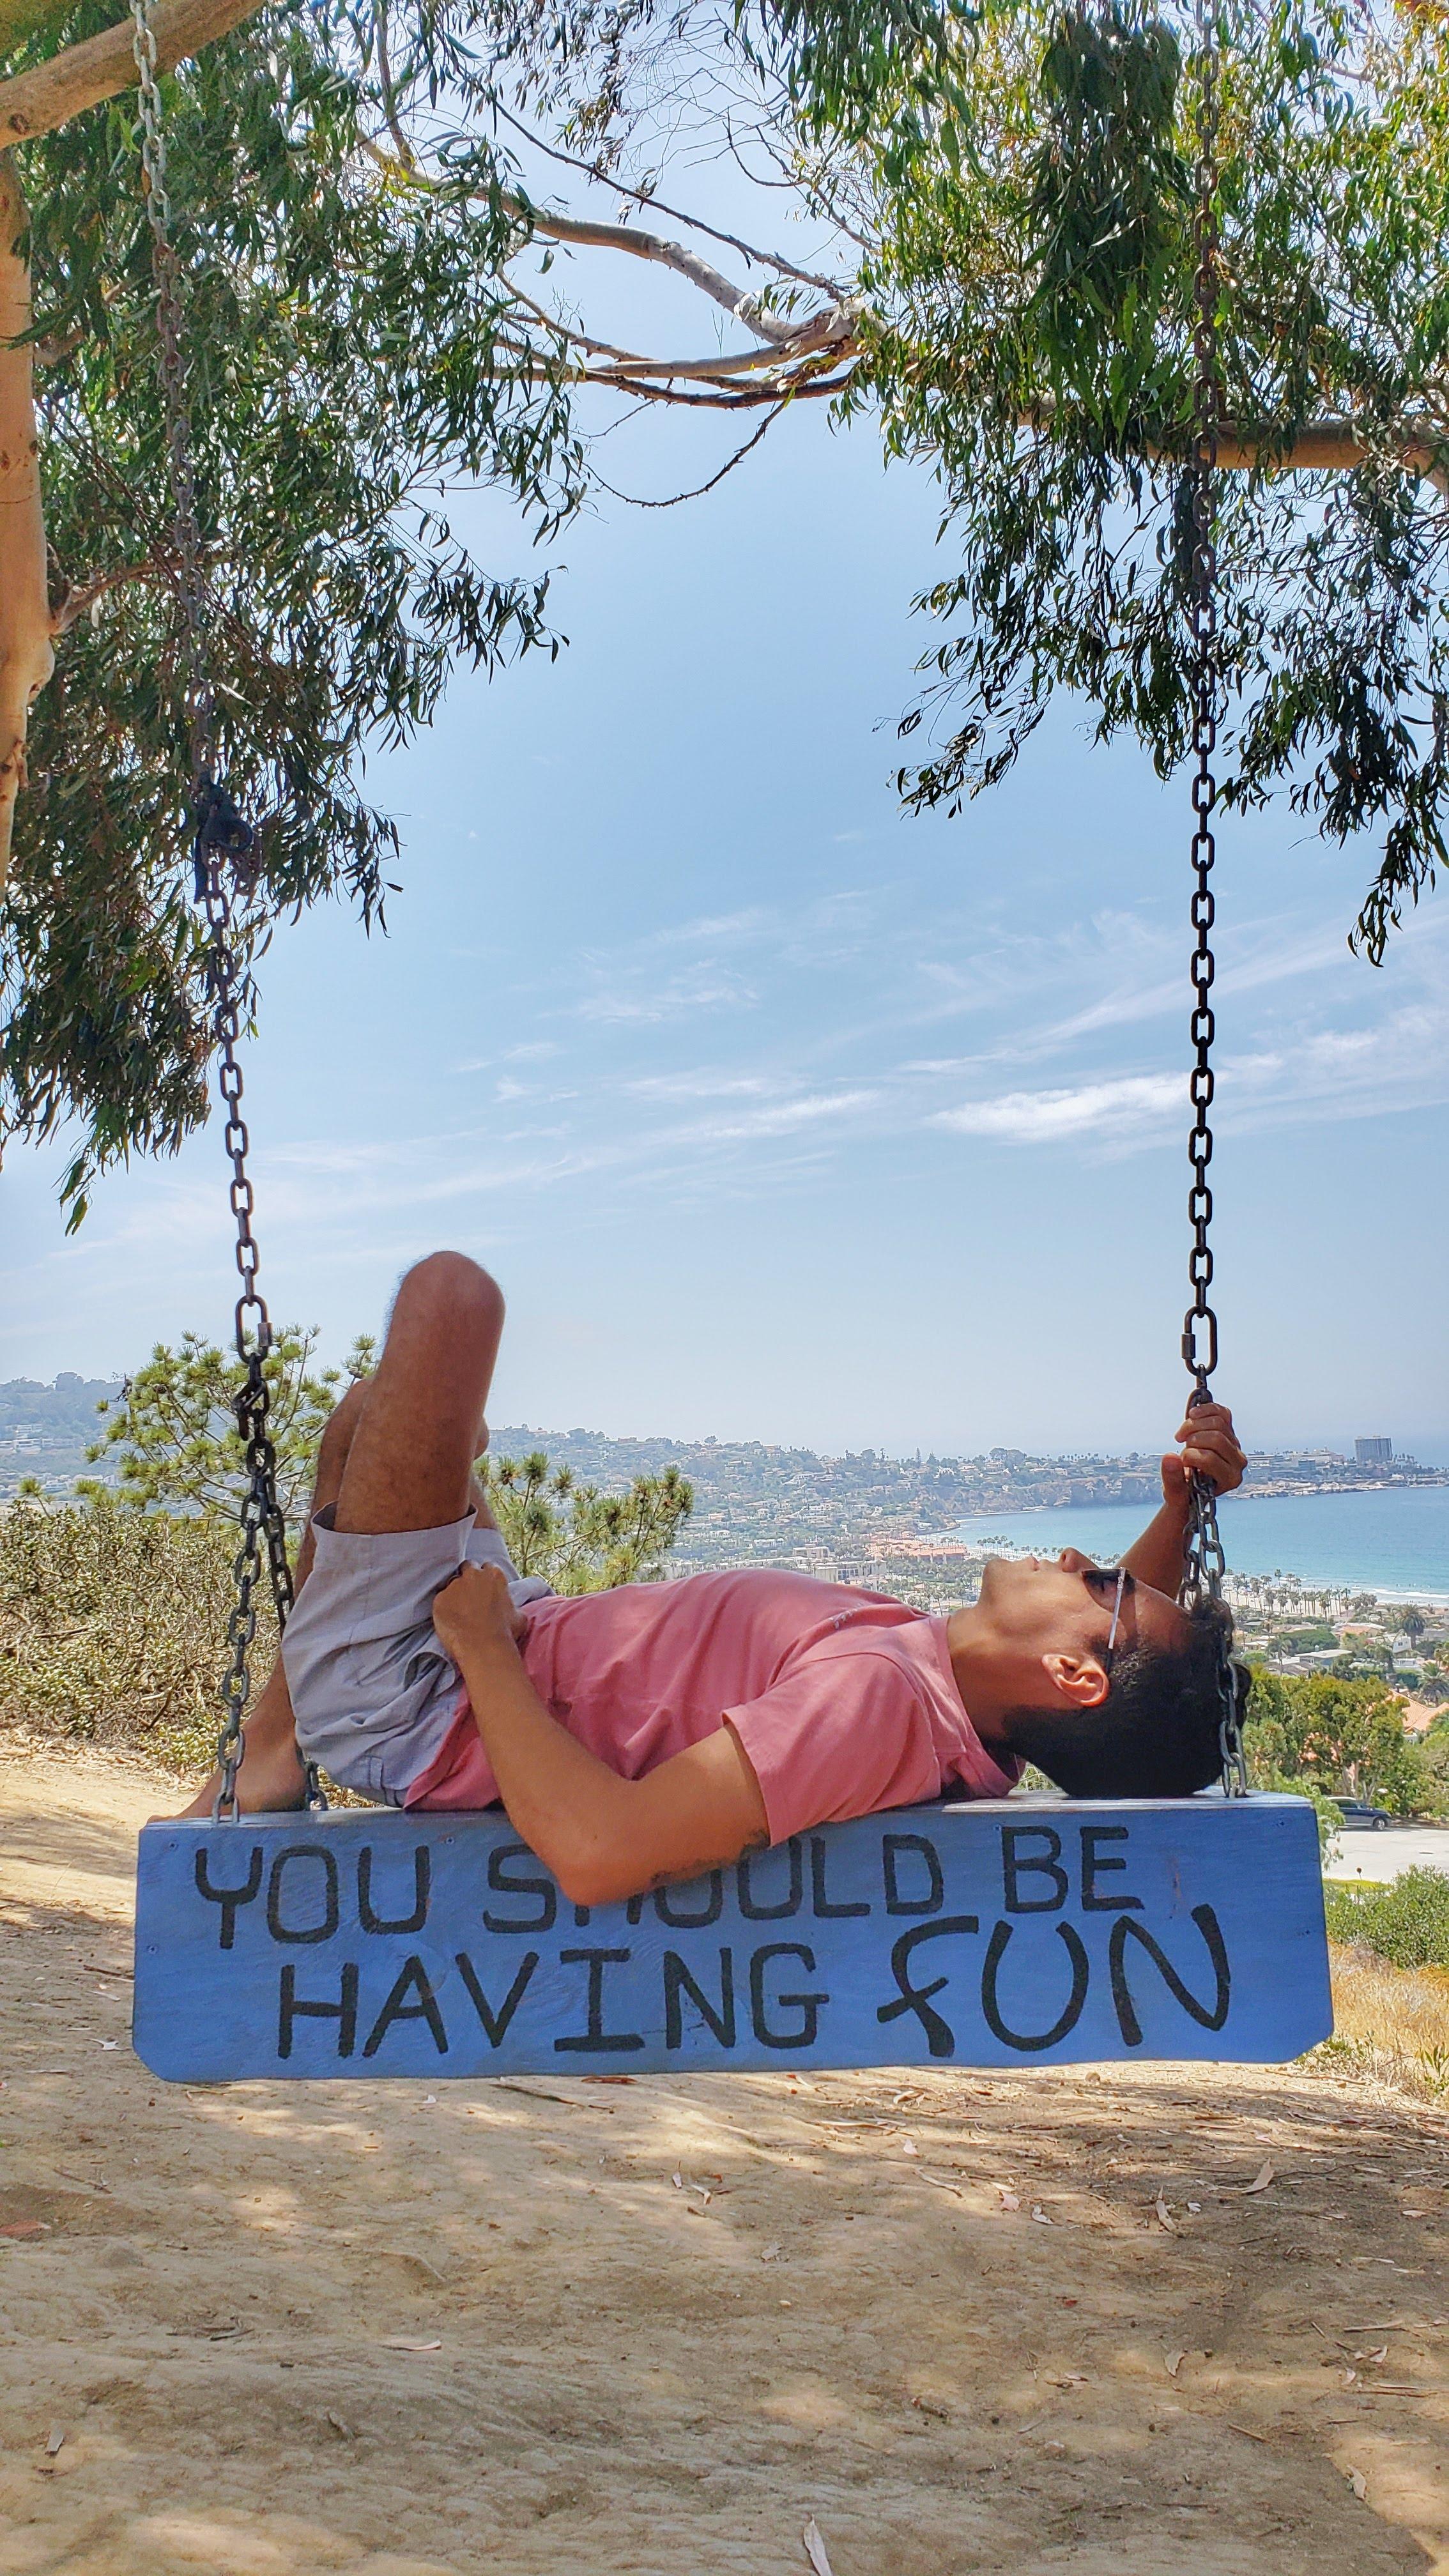 Secret swings La jolla